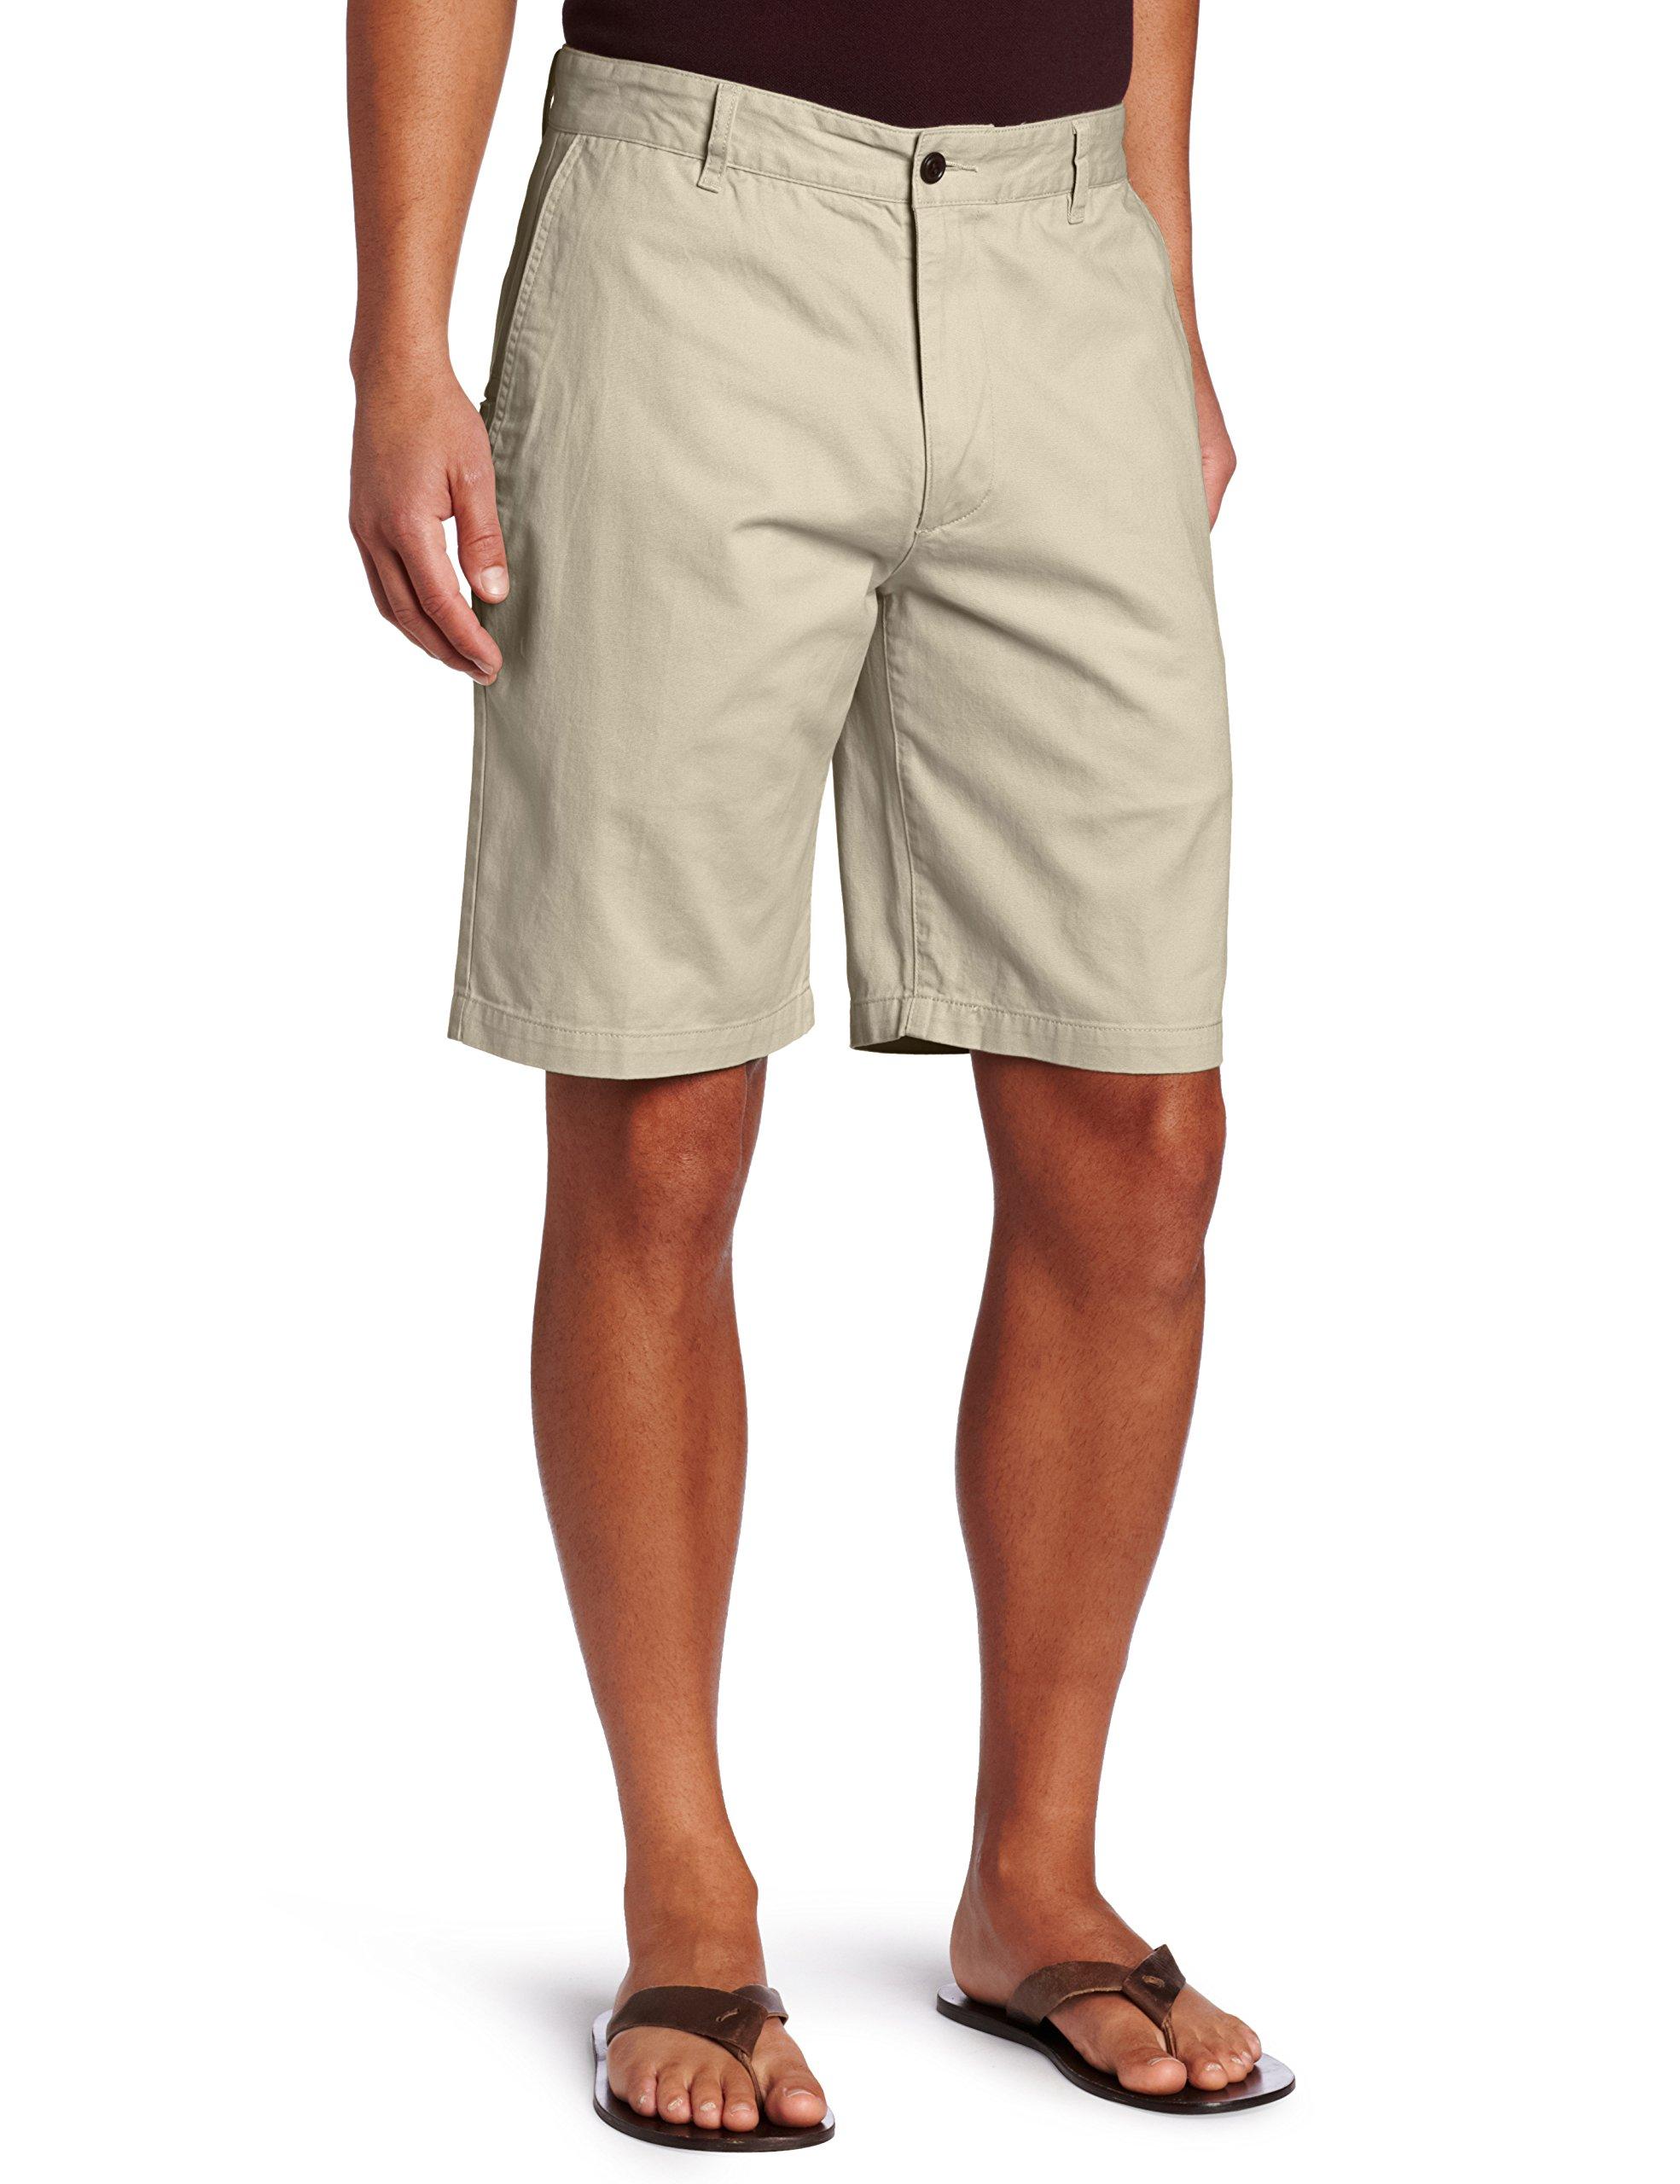 Dockers Men's Classic-Fit Perfect-Short - 44W - Sand Dune (Cotton)